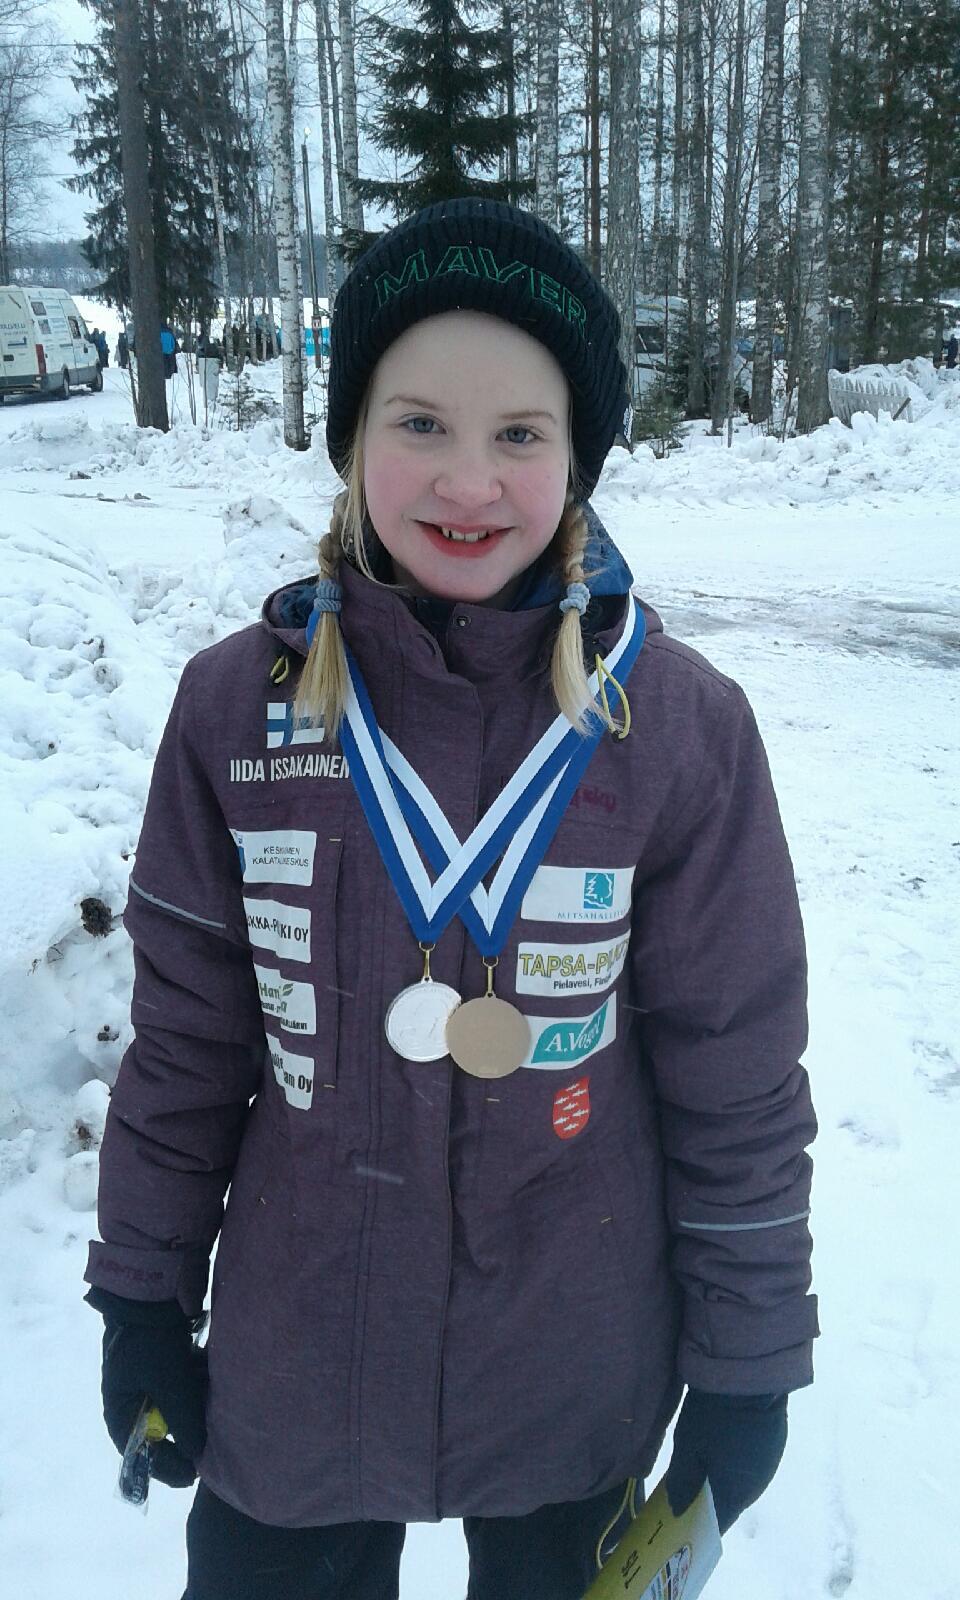 Iida Issakainen voitti henkilökohtaisen kullan ja joukkuehopean pilkinnän SM-kilpailuissa. Kuva: Mika Issakainen